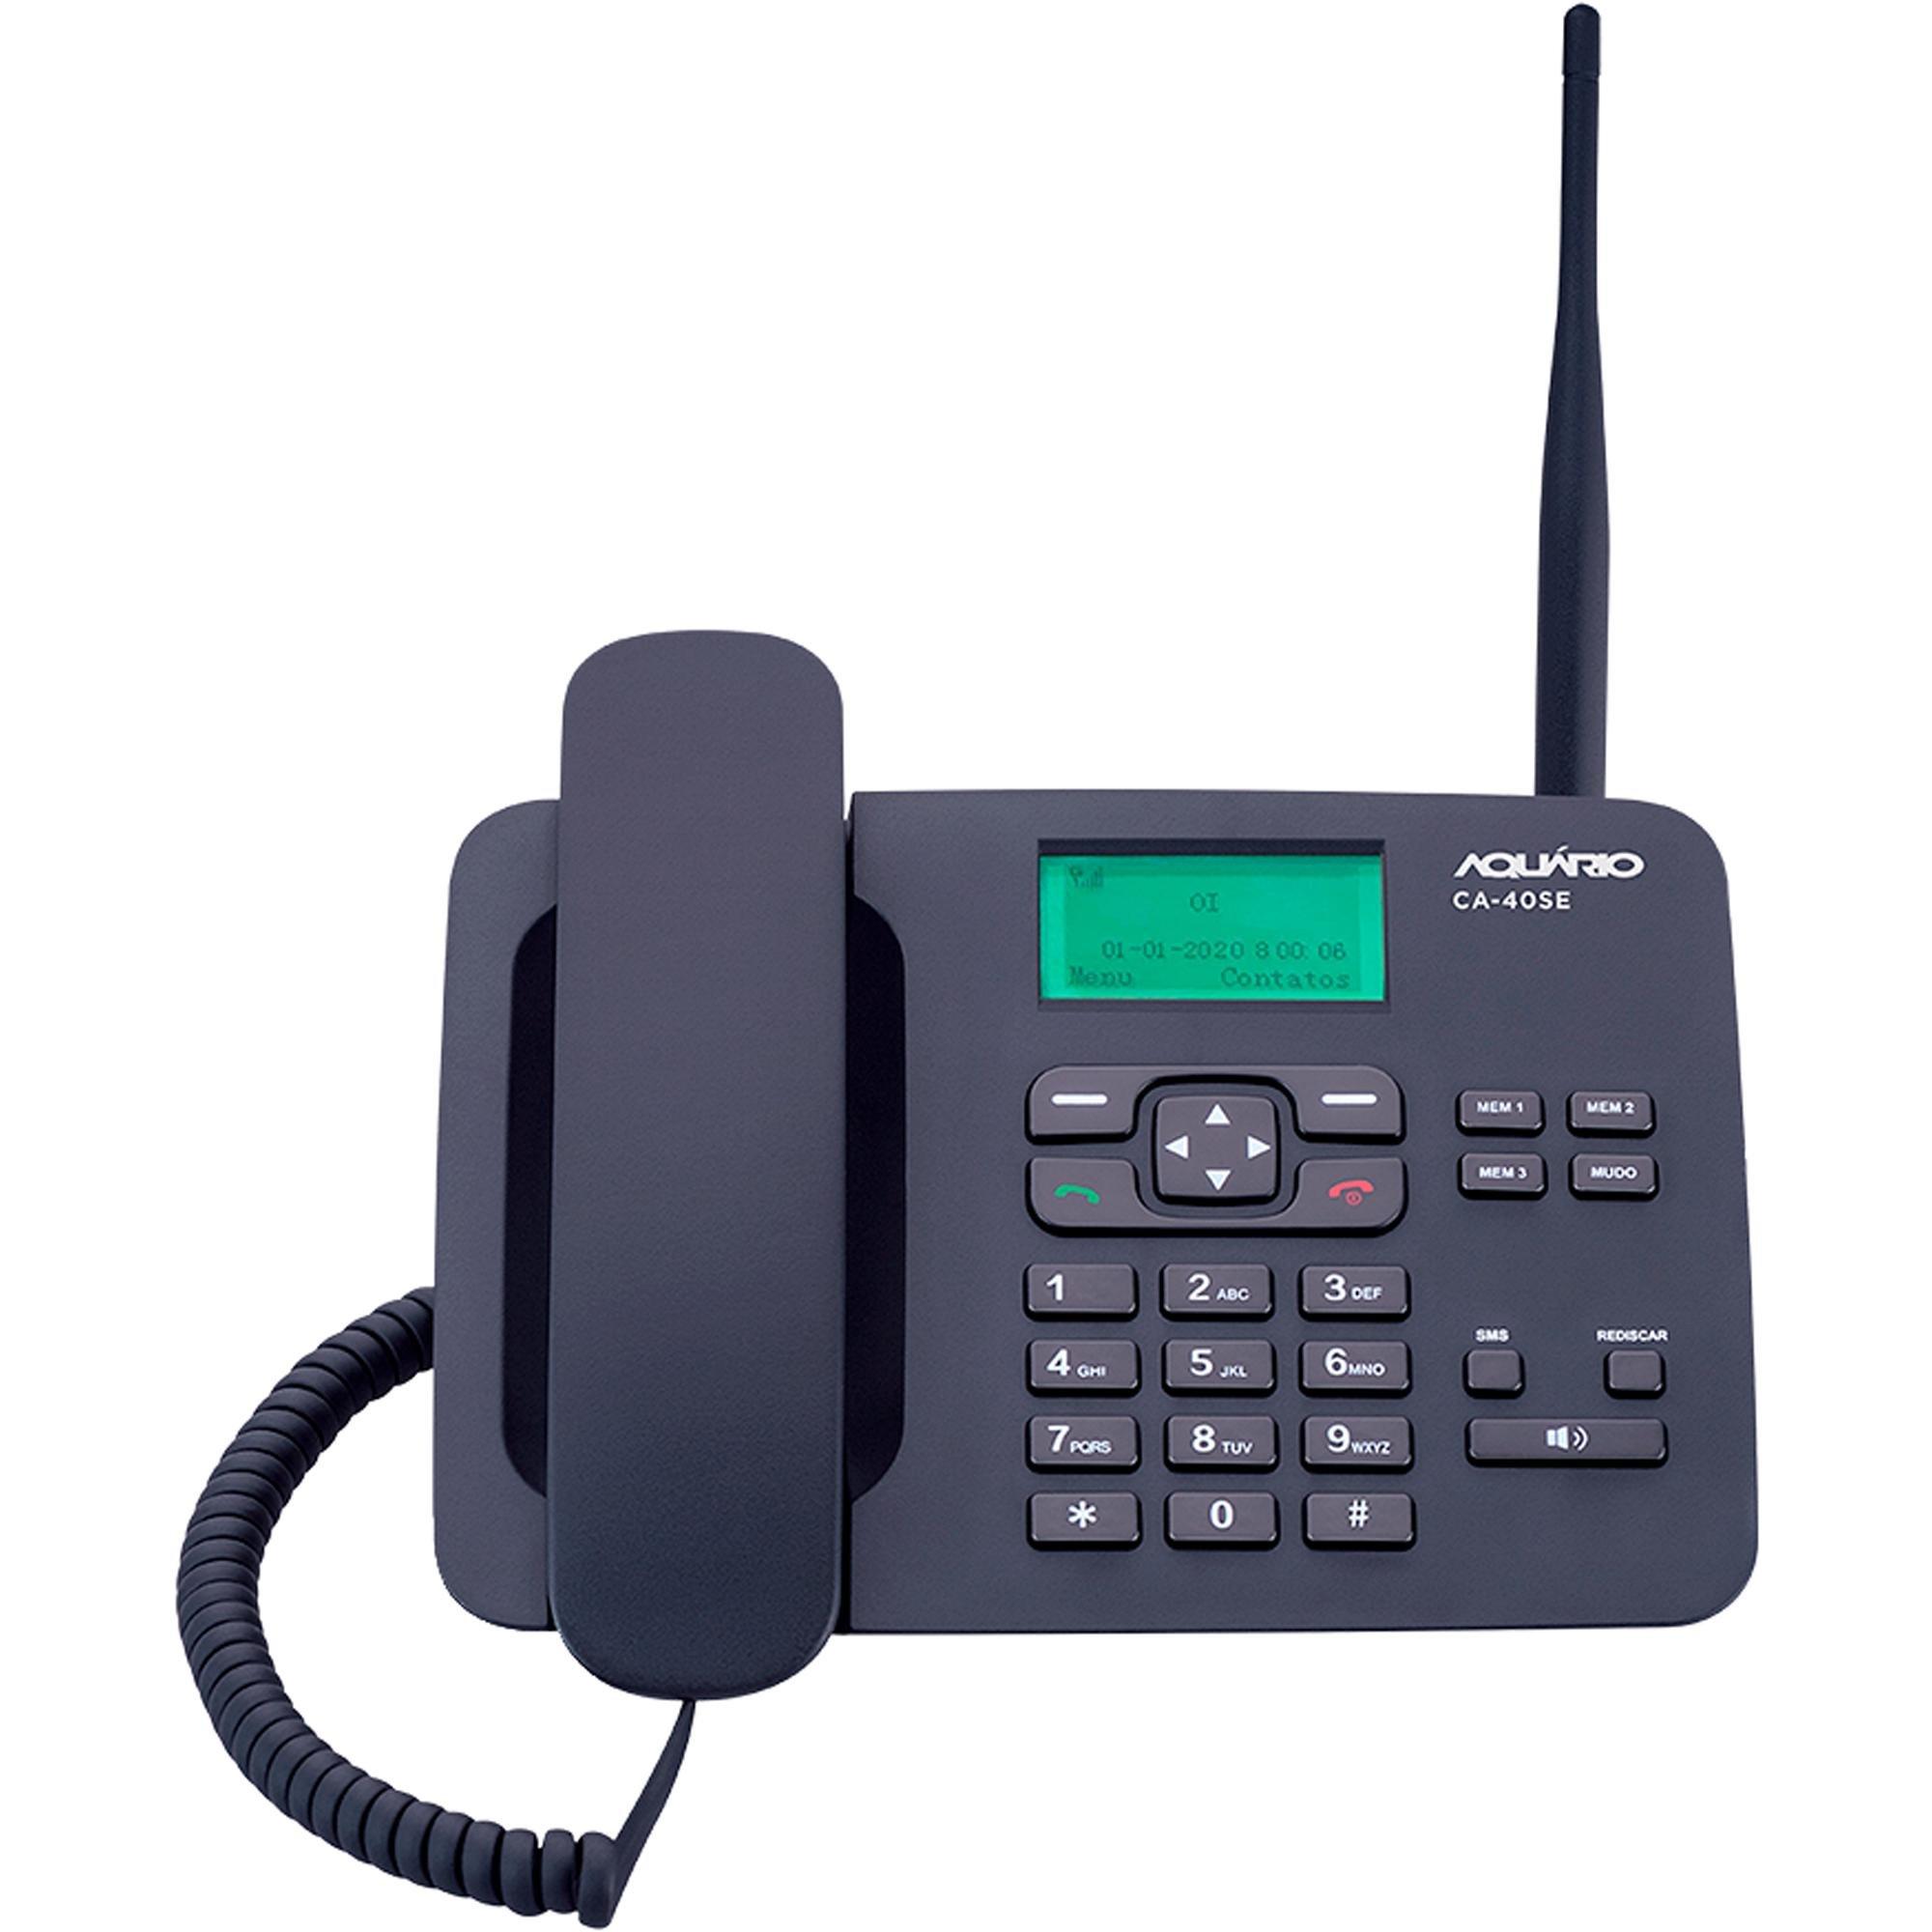 Telefone Celular de Mesa 2G CA-40SE AQUARIO